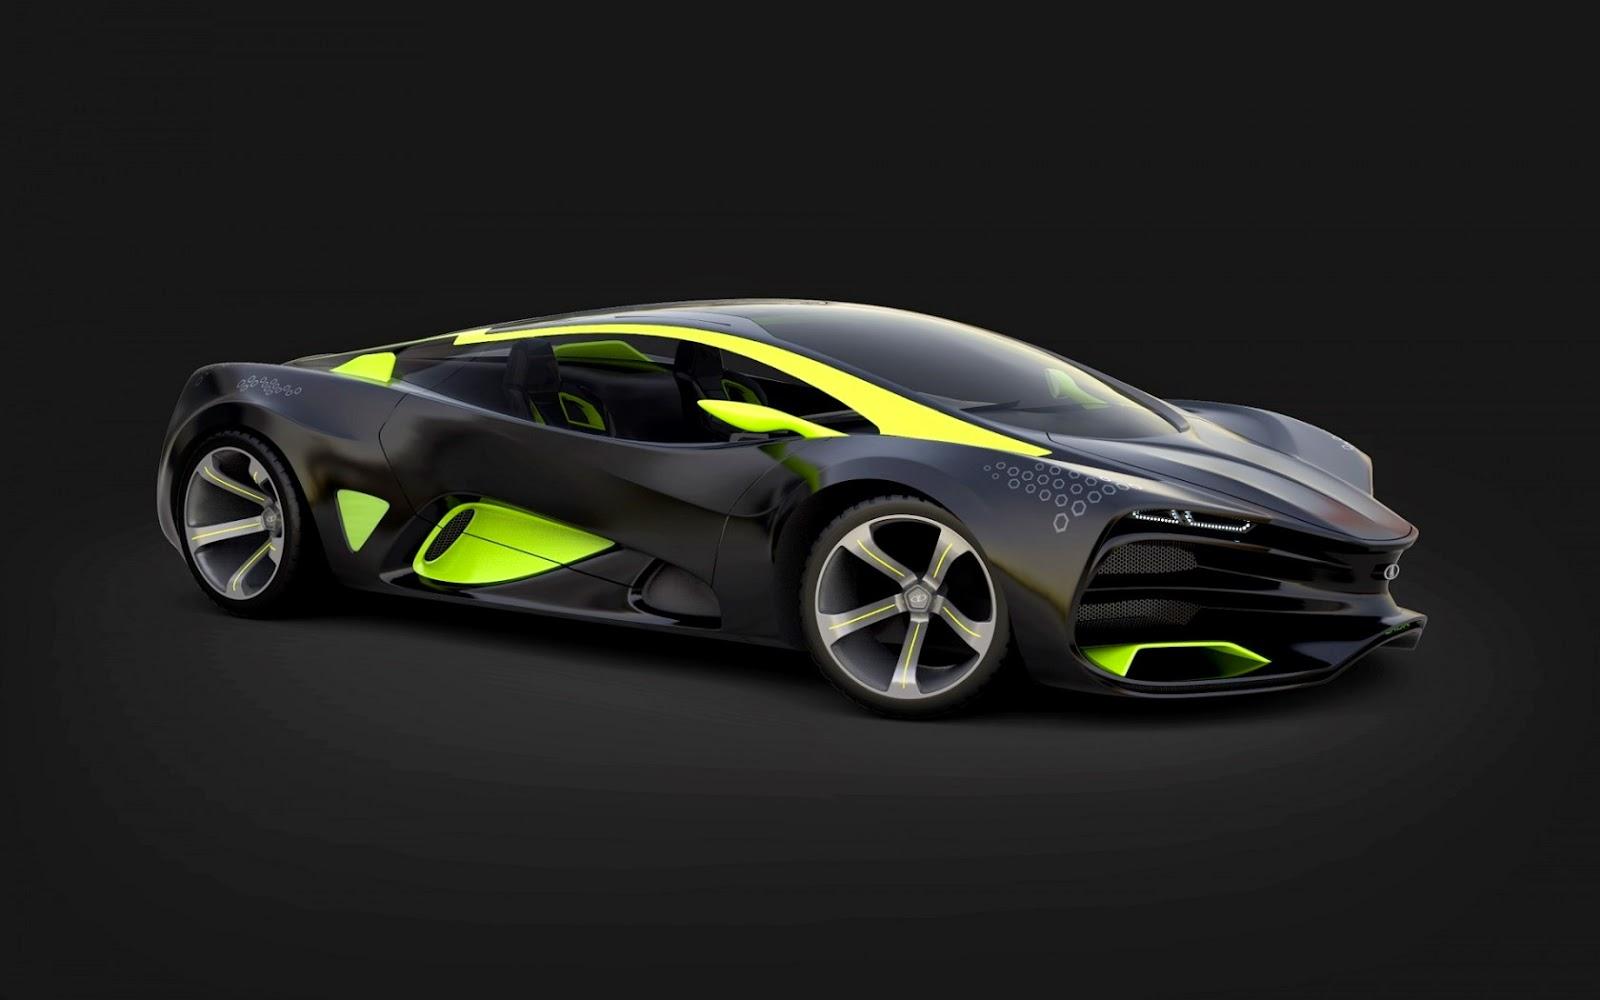 Lada Raven Full HD Wallpaper Super Car